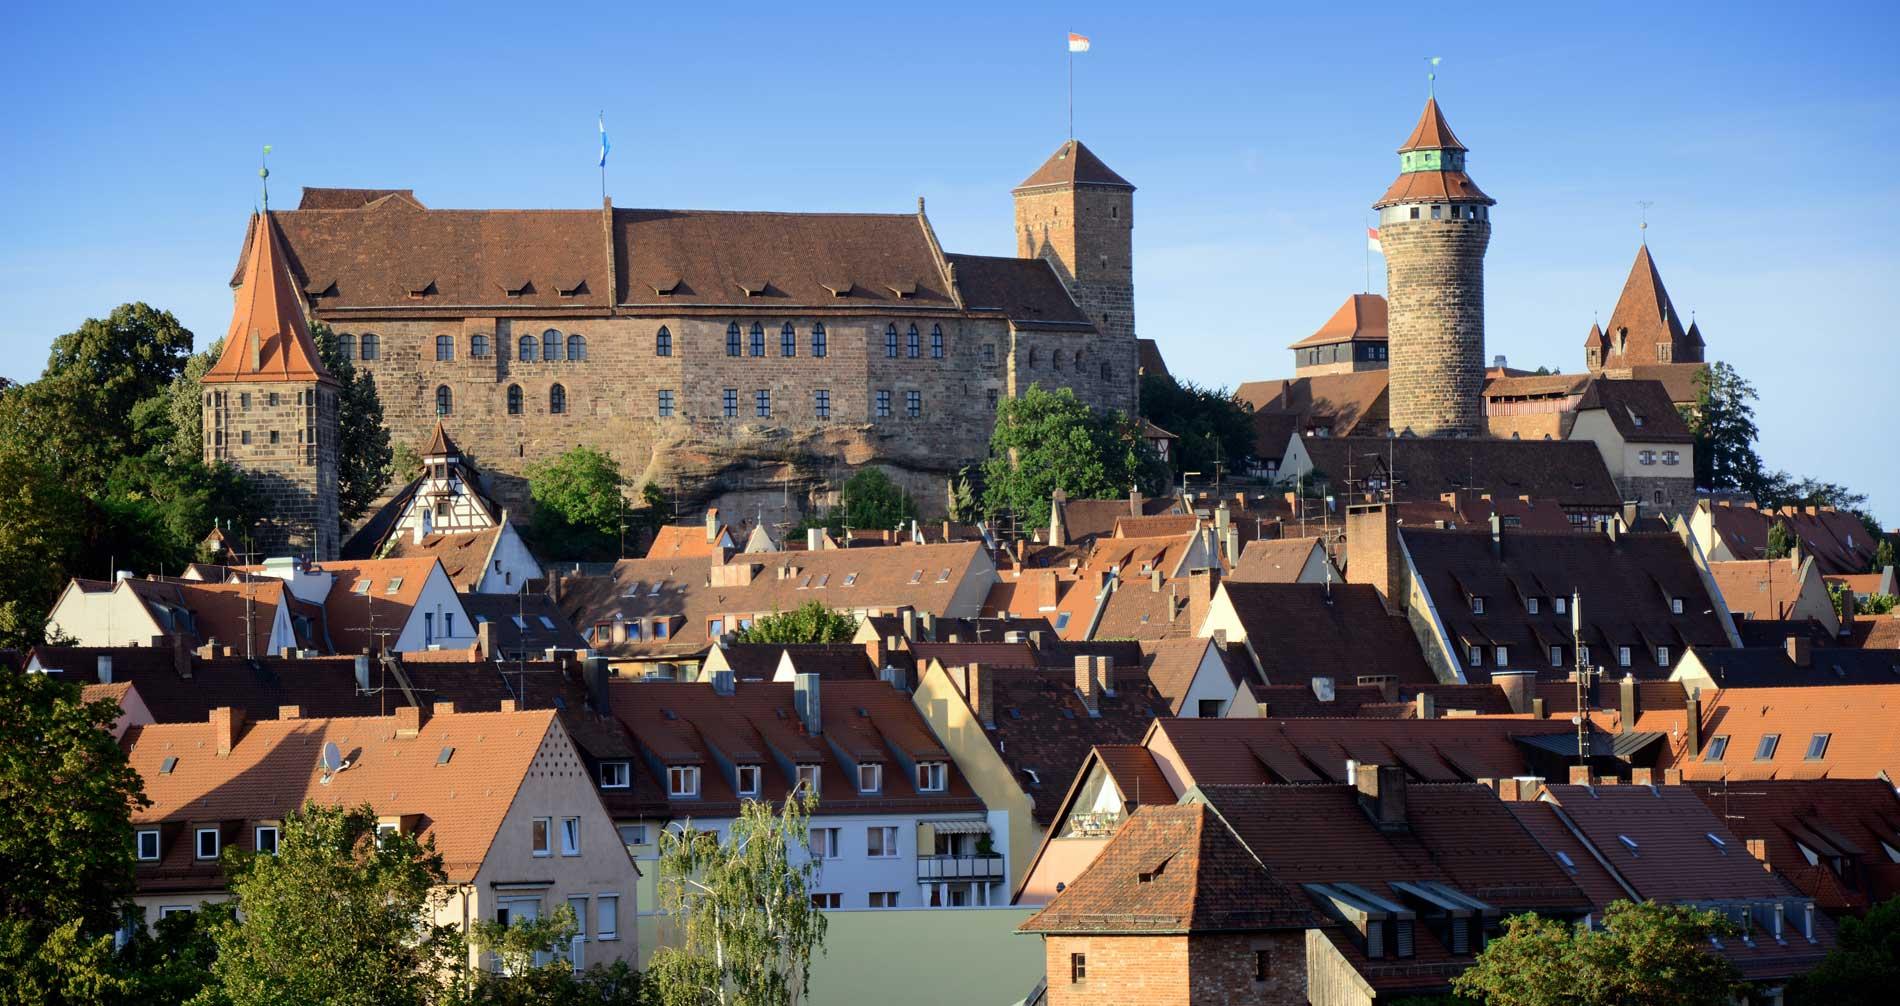 KDSE Nürnberg